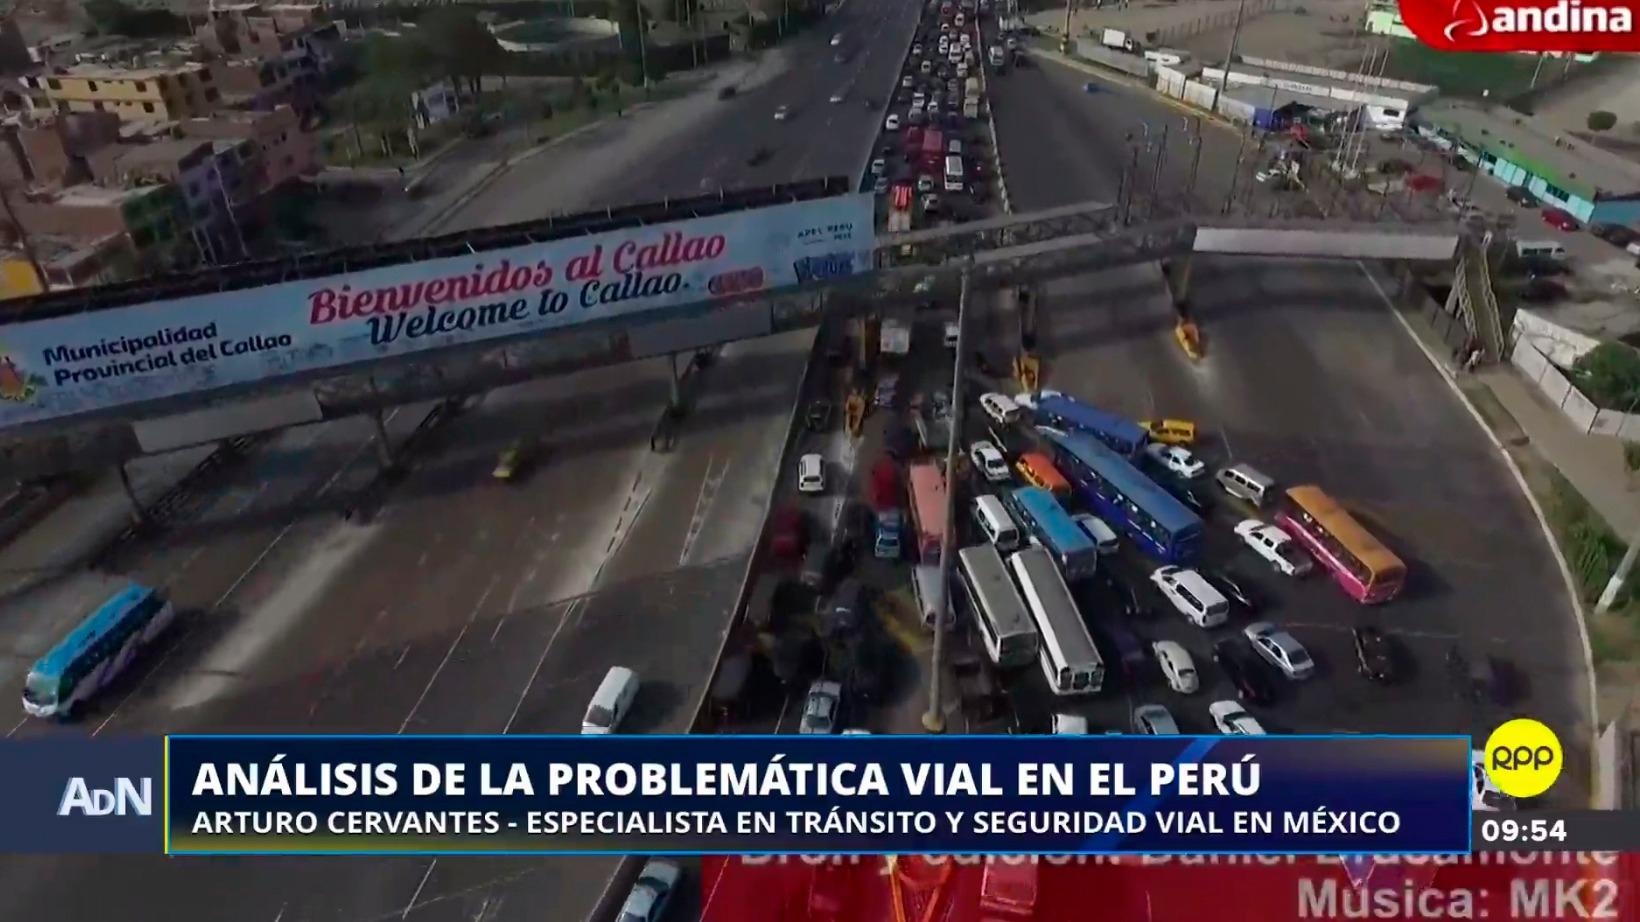 El caos vehicular es uno de los problemas de la ciudad de Lima